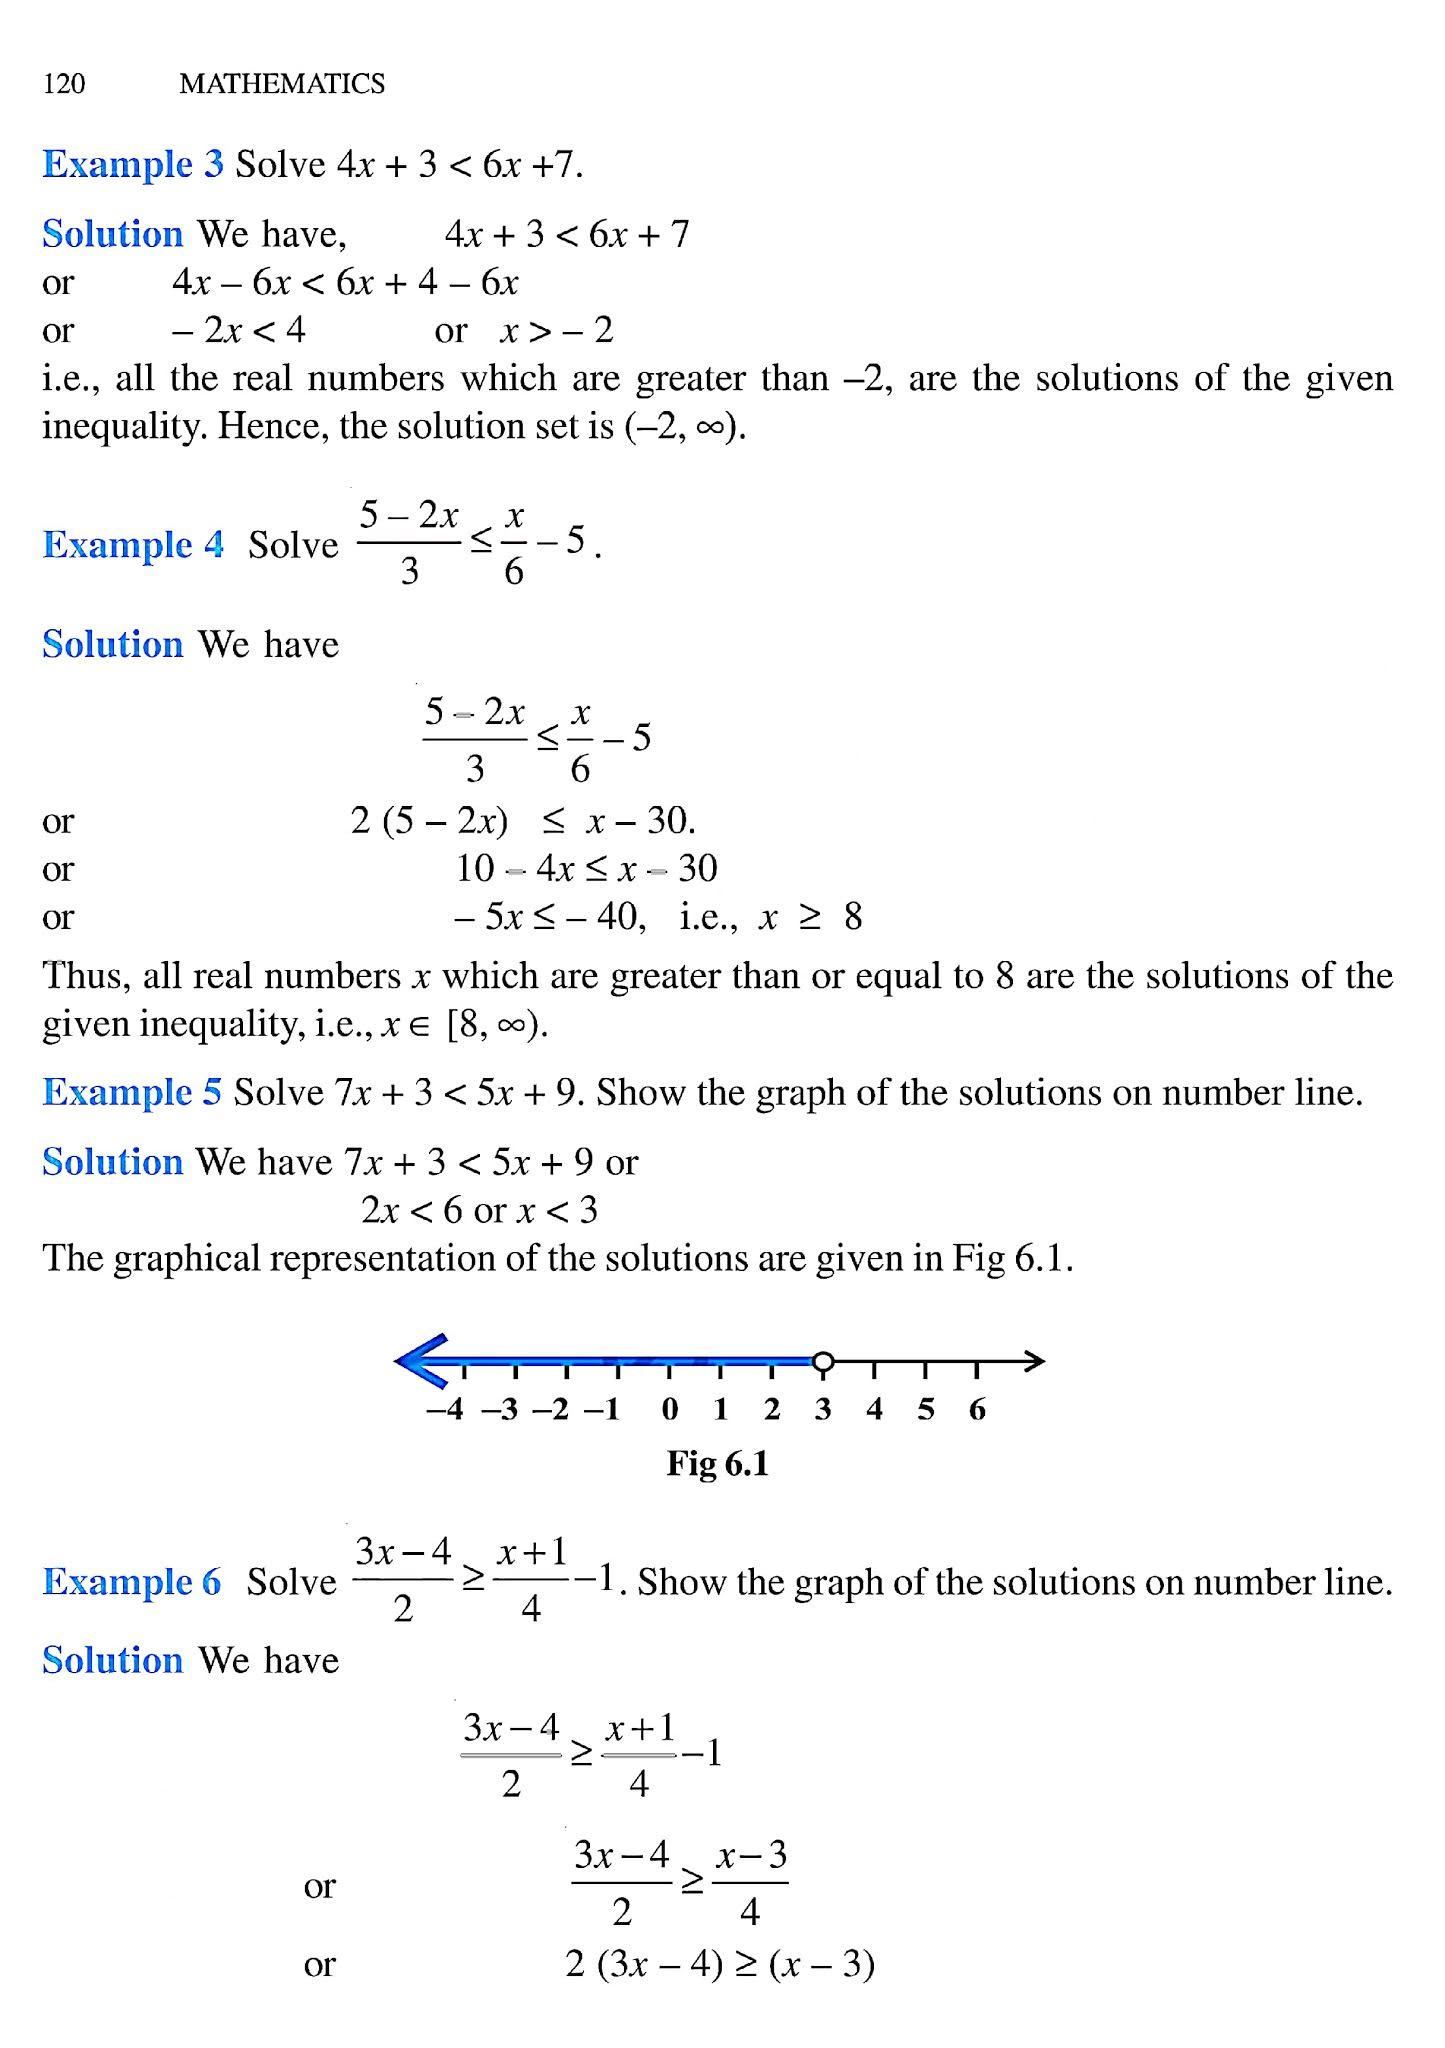 Class 11 Maths Chapter 6 Text Book - English Medium,  11th Maths book in hindi,11th Maths notes in hindi,cbse books for class  11,cbse books in hindi,cbse ncert books,class  11  Maths notes in hindi,class  11 hindi ncert solutions, Maths 2020, Maths 2021, Maths 2022, Maths book class  11, Maths book in hindi, Maths class  11 in hindi, Maths notes for class  11 up board in hindi,ncert all books,ncert app in hindi,ncert book solution,ncert books class 10,ncert books class  11,ncert books for class 7,ncert books for upsc in hindi,ncert books in hindi class 10,ncert books in hindi for class  11  Maths,ncert books in hindi for class 6,ncert books in hindi pdf,ncert class  11 hindi book,ncert english book,ncert  Maths book in hindi,ncert  Maths books in hindi pdf,ncert  Maths class  11,ncert in hindi,old ncert books in hindi,online ncert books in hindi,up board  11th,up board  11th syllabus,up board class 10 hindi book,up board class  11 books,up board class  11 new syllabus,up Board  Maths 2020,up Board  Maths 2021,up Board  Maths 2022,up Board  Maths 2023,up board intermediate  Maths syllabus,up board intermediate syllabus 2021,Up board Master 2021,up board model paper 2021,up board model paper all subject,up board new syllabus of class 11th Maths,up board paper 2021,Up board syllabus 2021,UP board syllabus 2022,   11 वीं मैथ्स पुस्तक हिंदी में,  11 वीं मैथ्स नोट्स हिंदी में, कक्षा  11 के लिए सीबीएससी पुस्तकें, हिंदी में सीबीएससी पुस्तकें, सीबीएससी  पुस्तकें, कक्षा  11 मैथ्स नोट्स हिंदी में, कक्षा  11 हिंदी एनसीईआरटी समाधान, मैथ्स 2020, मैथ्स 2021, मैथ्स 2022, मैथ्स  बुक क्लास  11, मैथ्स बुक इन हिंदी, बायोलॉजी क्लास  11 हिंदी में, मैथ्स नोट्स इन क्लास  11 यूपी  बोर्ड इन हिंदी, एनसीईआरटी मैथ्स की किताब हिंदी में,  बोर्ड  11 वीं तक,  11 वीं तक की पाठ्यक्रम, बोर्ड कक्षा 10 की हिंदी पुस्तक  , बोर्ड की कक्षा  11 की किताबें, बोर्ड की कक्षा  11 की नई पाठ्यक्रम, बोर्ड मैथ्स 2020, यूपी   बोर्ड मैथ्स 2021, यूपी  बोर्ड मैथ्स 2022, यूपी  बोर्ड मैथ्स 2023, यूपी  बोर्ड इंटरमीडिएट बाय